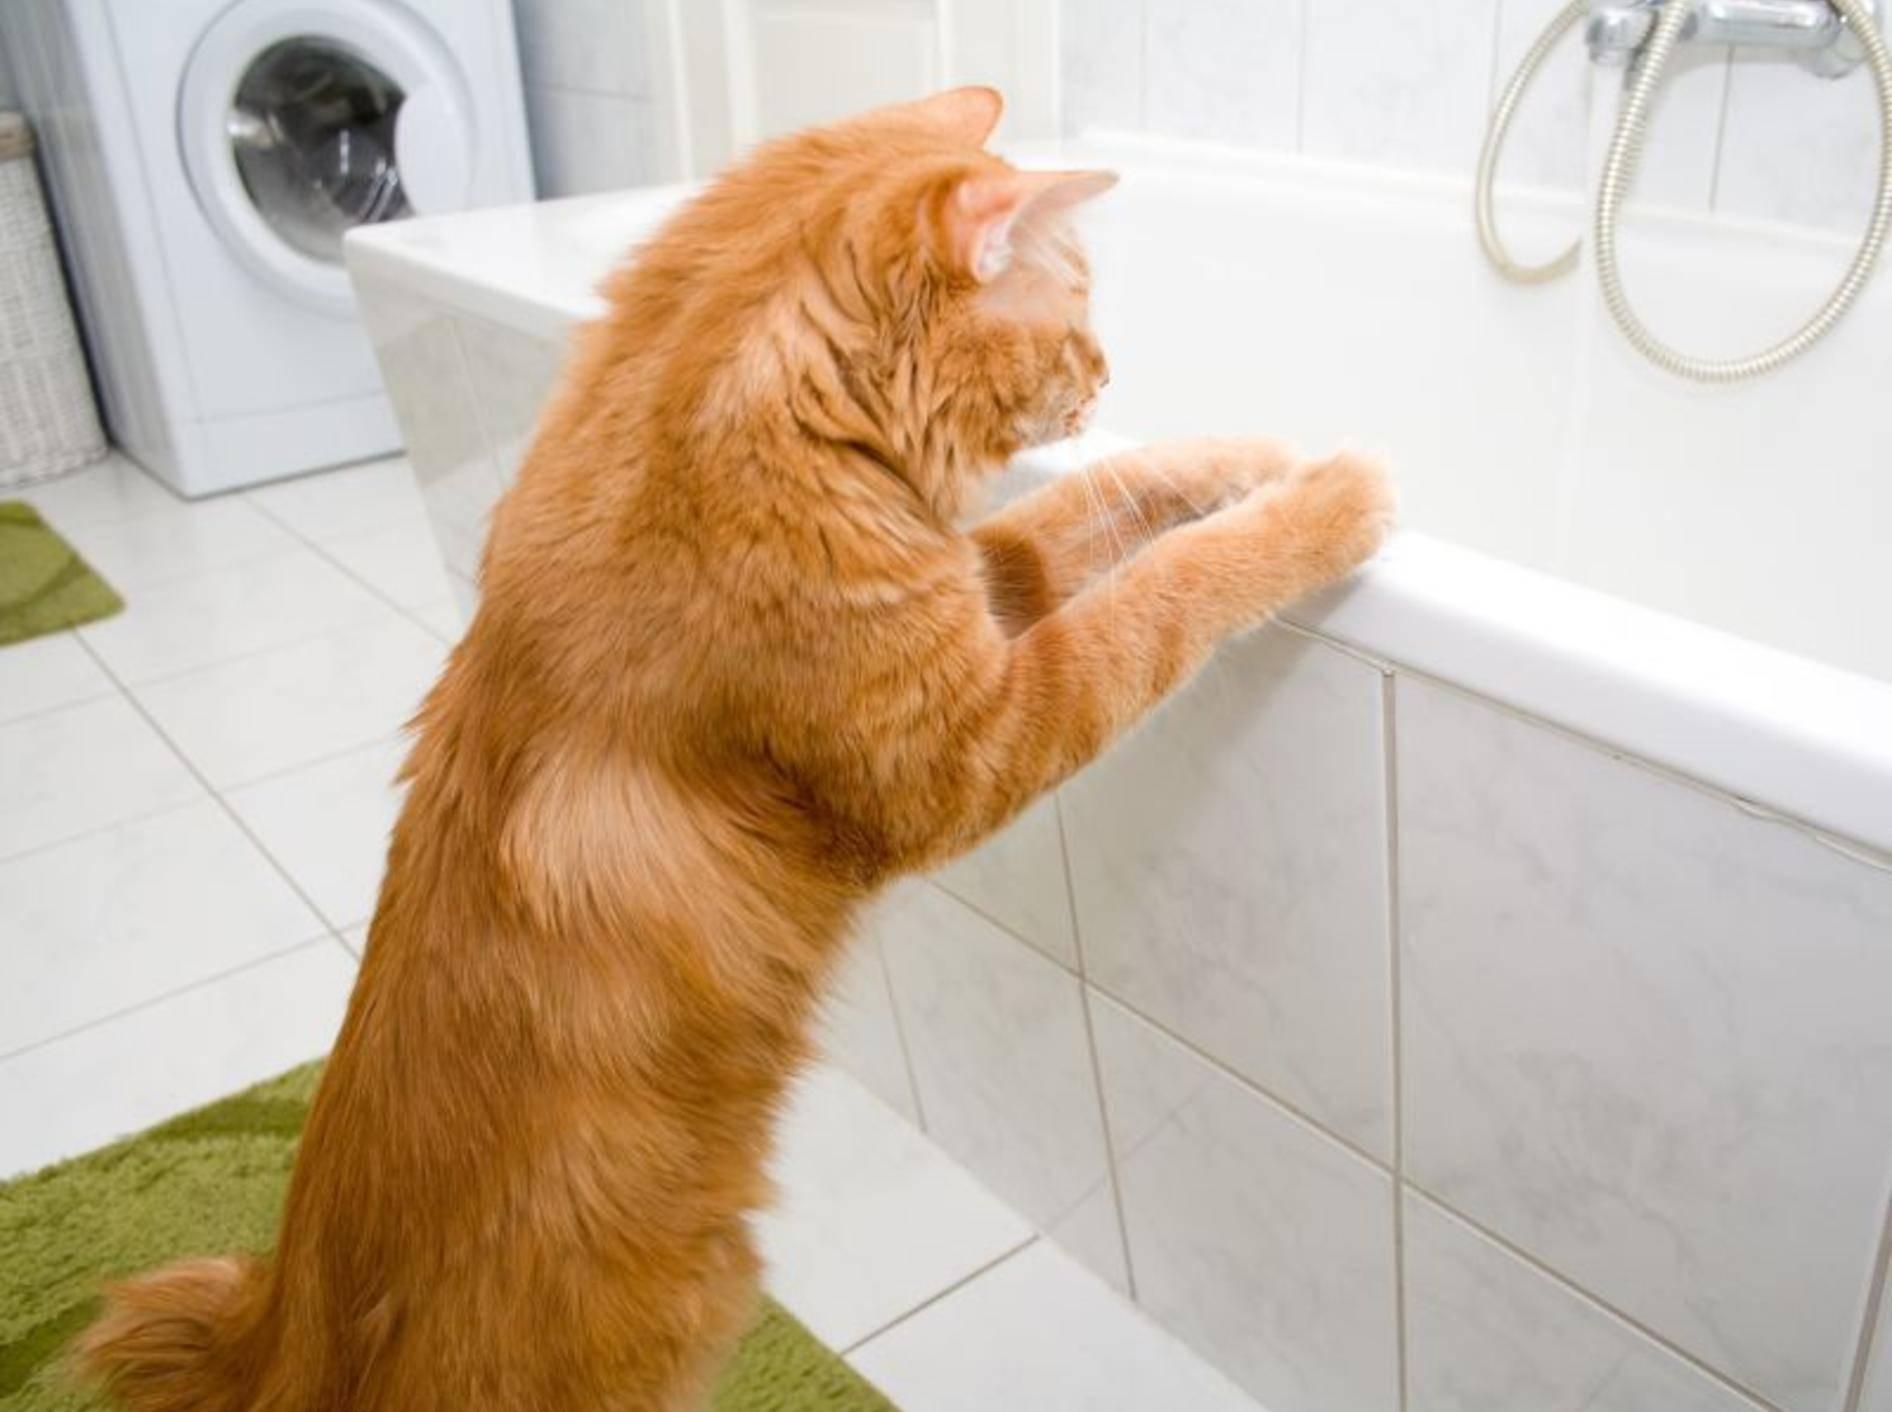 Darf man Katzen baden? Wen es nach ihnen geht, sicher nicht – Bild: Shutterstock / Asasirov